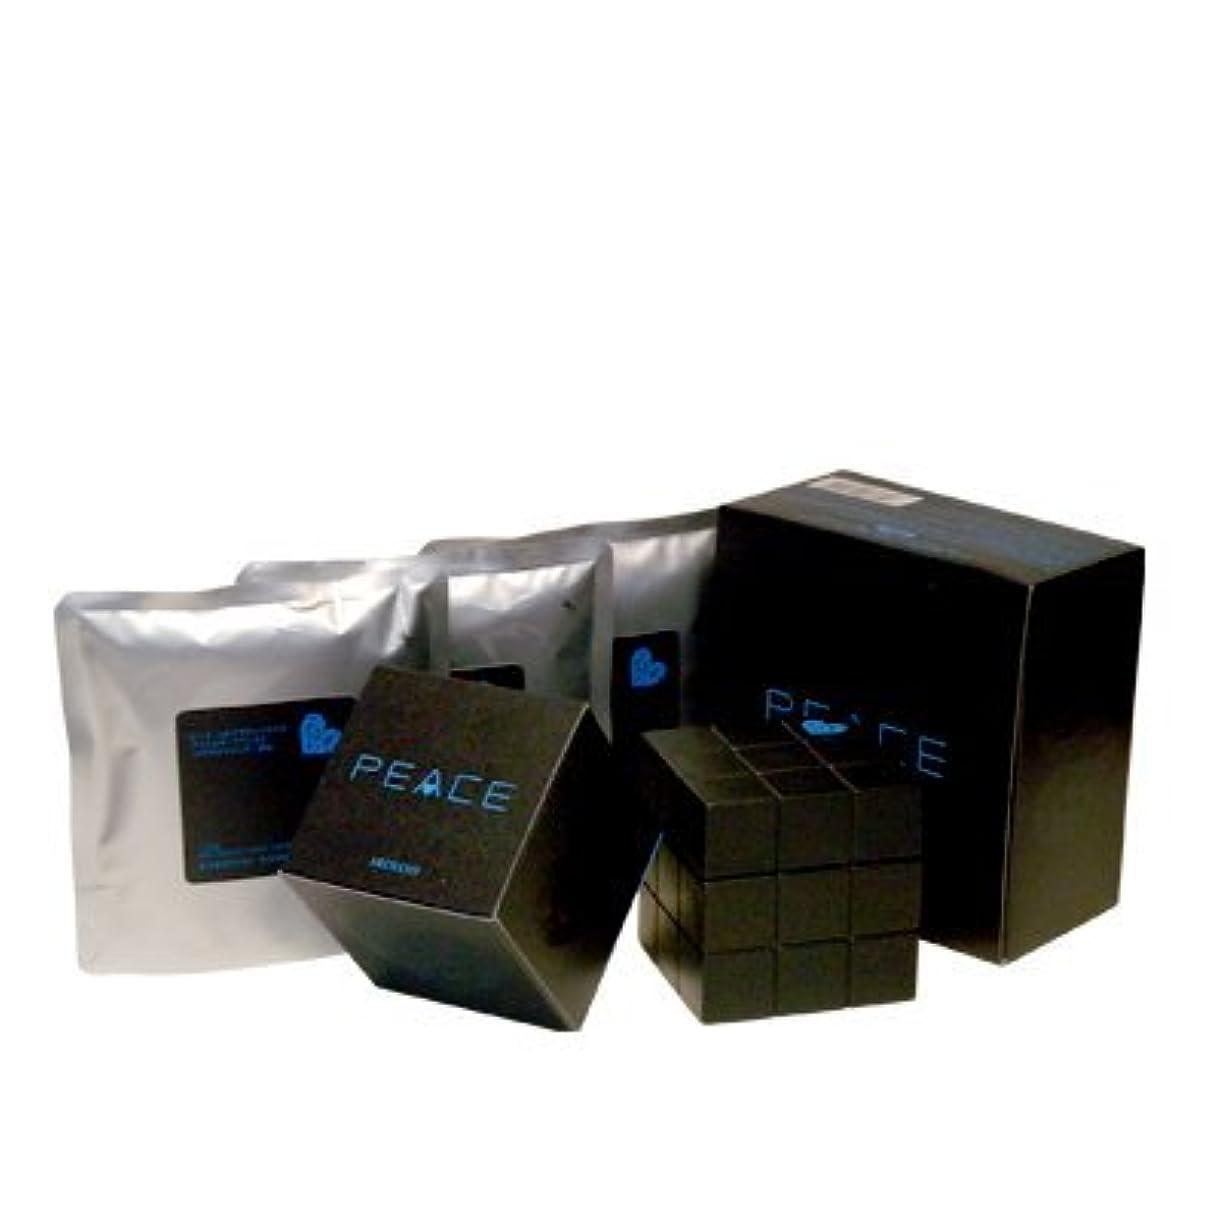 老朽化した知恵いろいろアリミノ ピース プロデザインシリーズ フリーズキープワックス ブラック80g+詰め替え80g×3